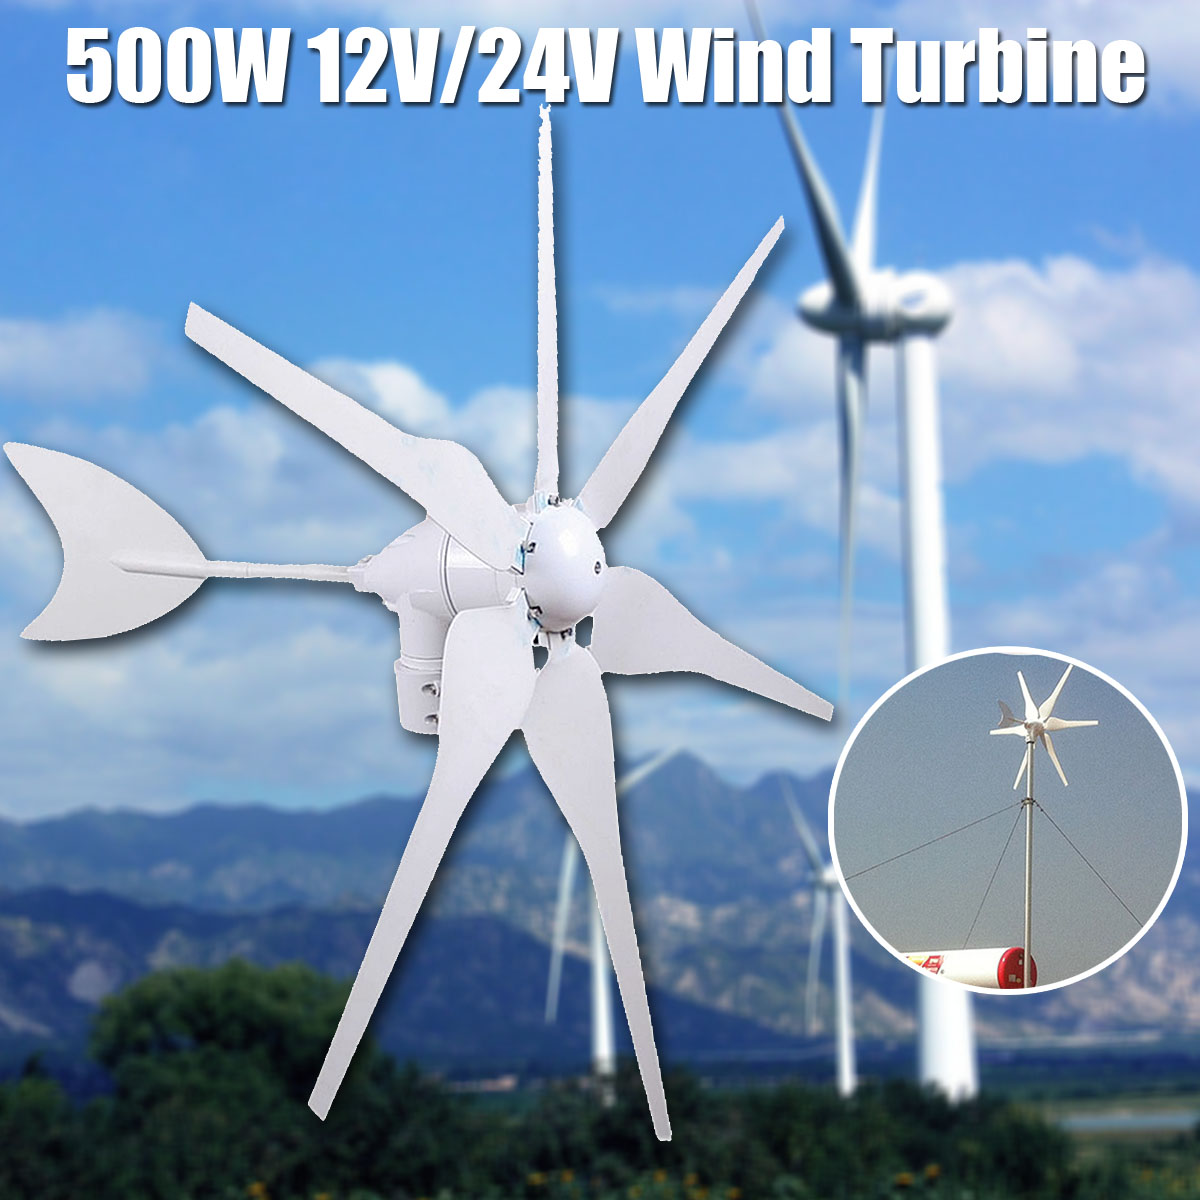 500 W 12 V/24 V Medio ambiente 6 cuchillas Mini aerogeneradores miniatura generador aerogeneradores casa residencial con controlador